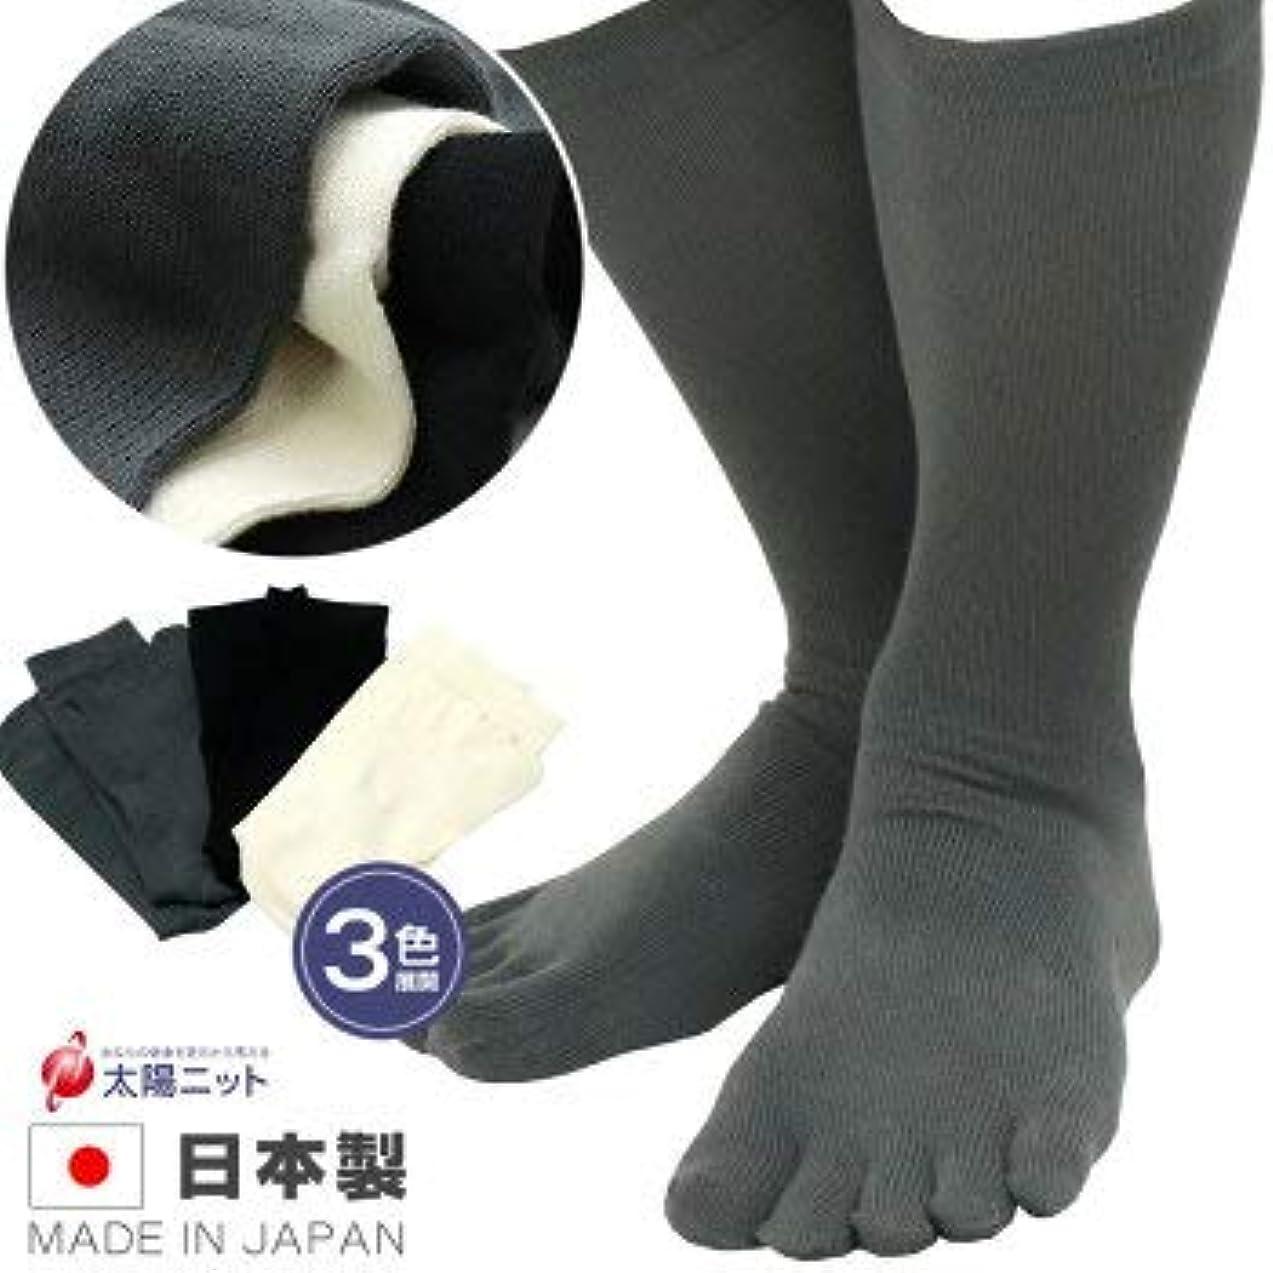 検出娘リップ男性用 綿100% 5本指 靴下 におい ムレ 対策 24-26㎝ 太陽ニッ ト321 (ホワイト)